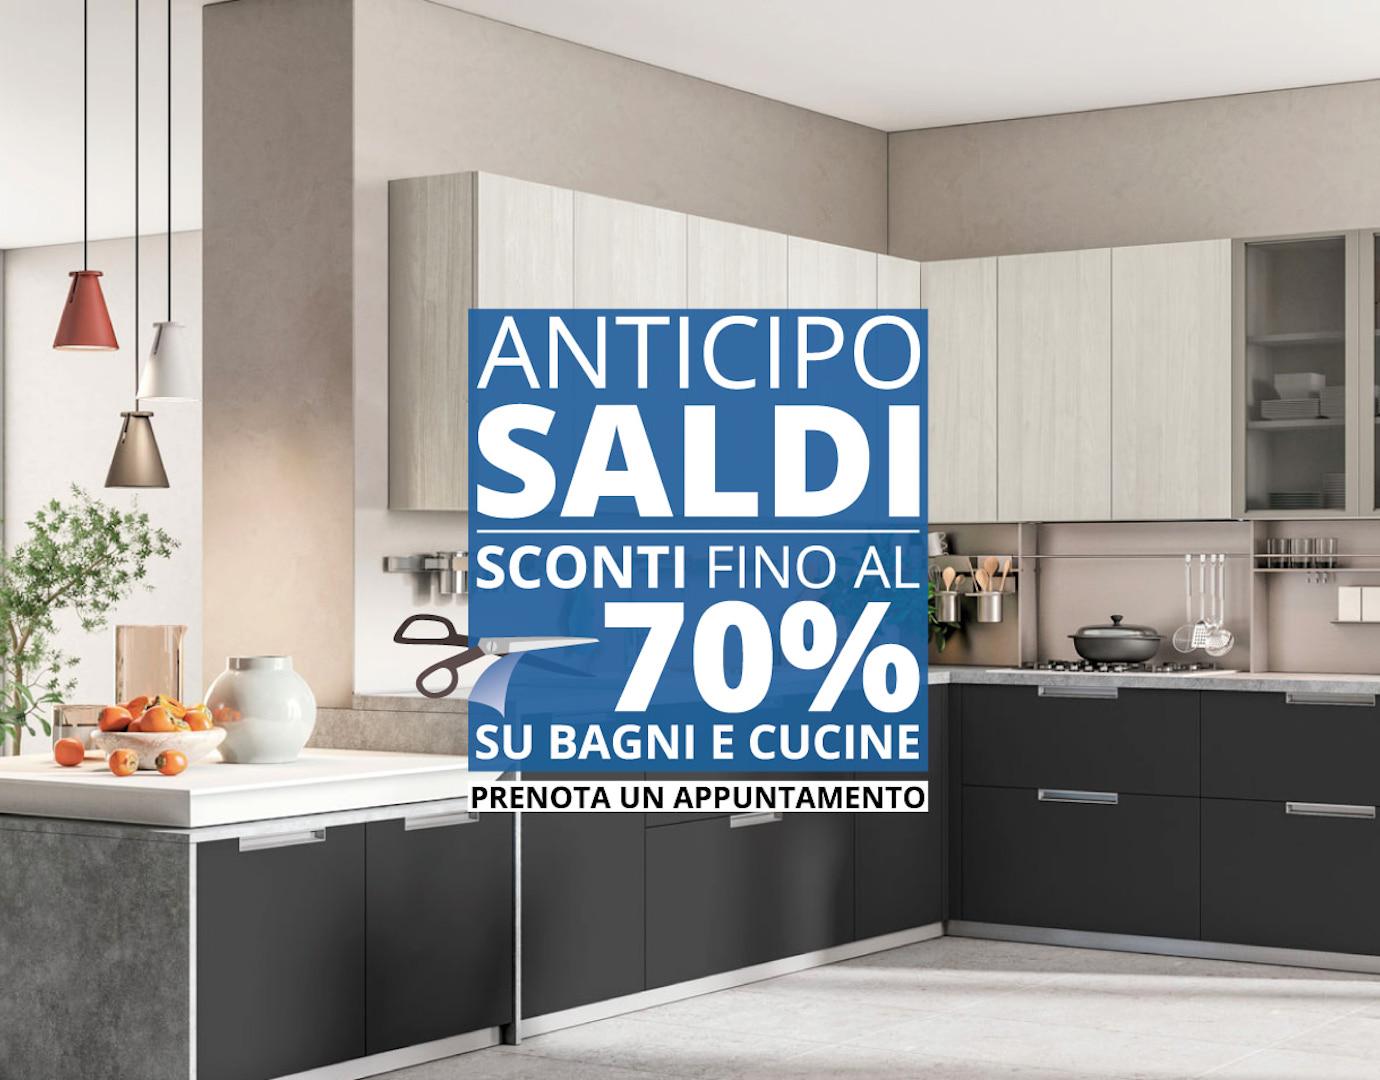 Passione Italiana Mobili Prezzi home - pianeta casa - arredamento milano